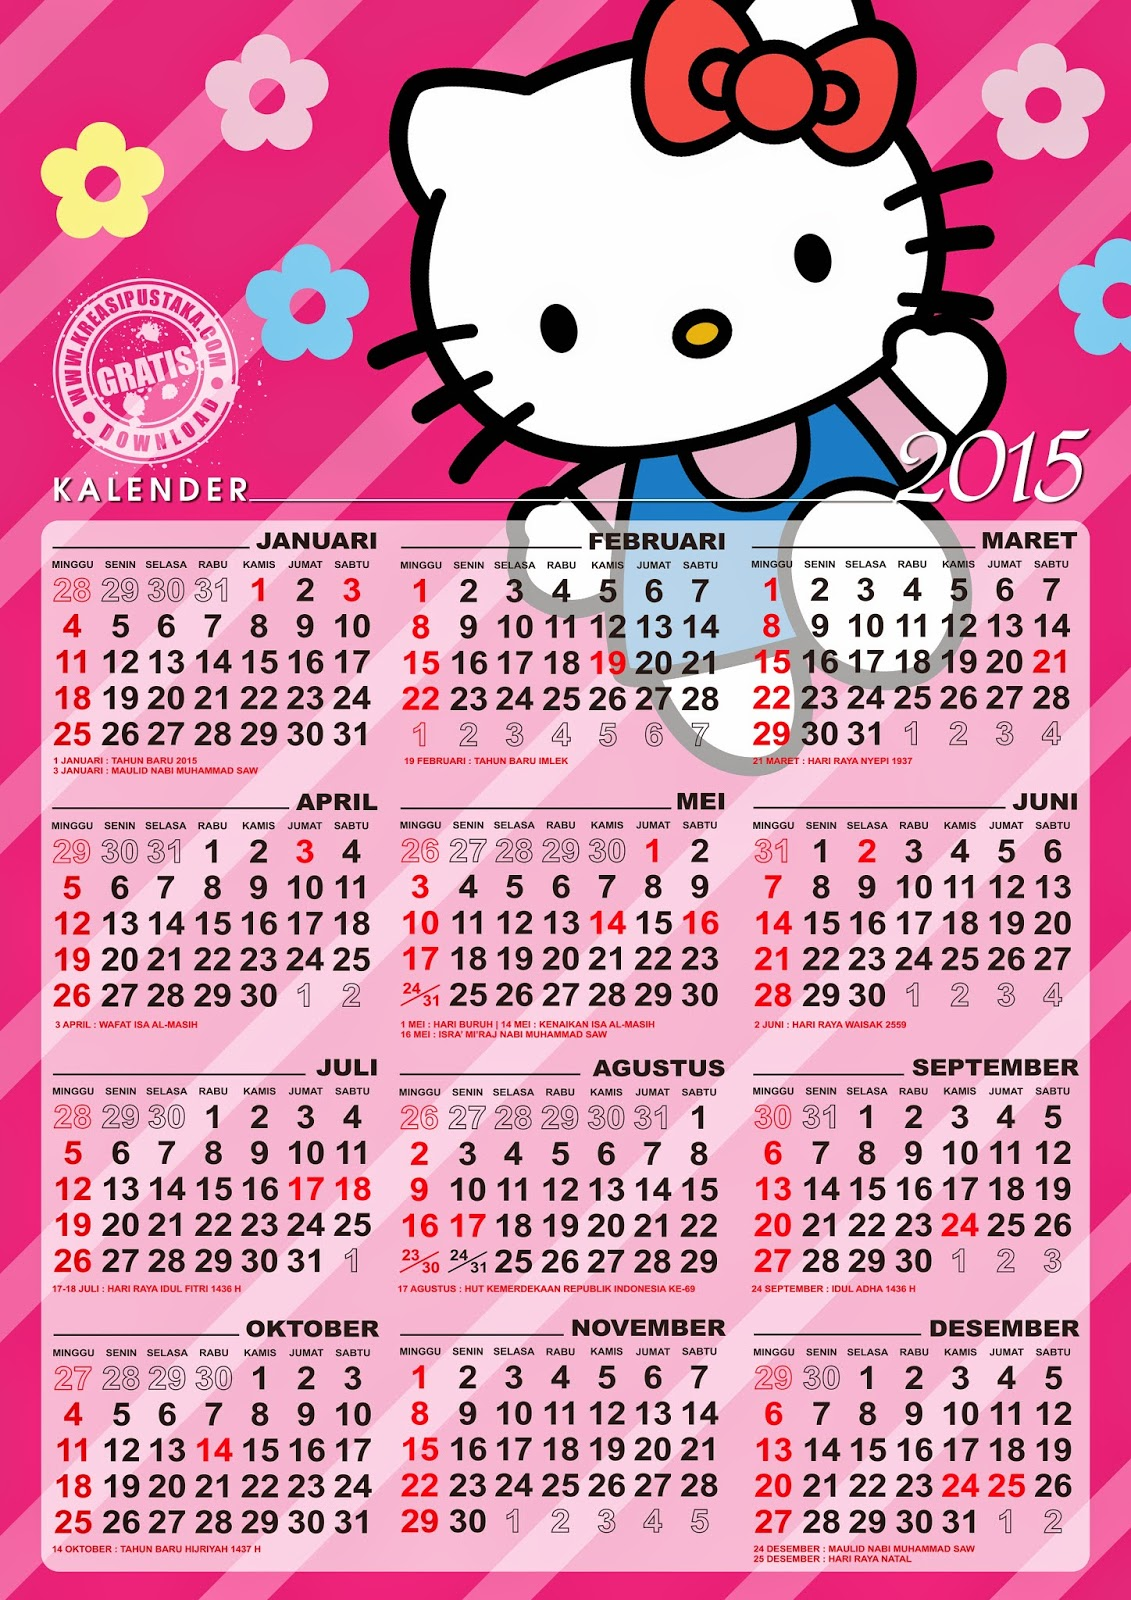 89 Gambar Hello Kitty Resolusi Tinggi Kekinian - Gambar ...